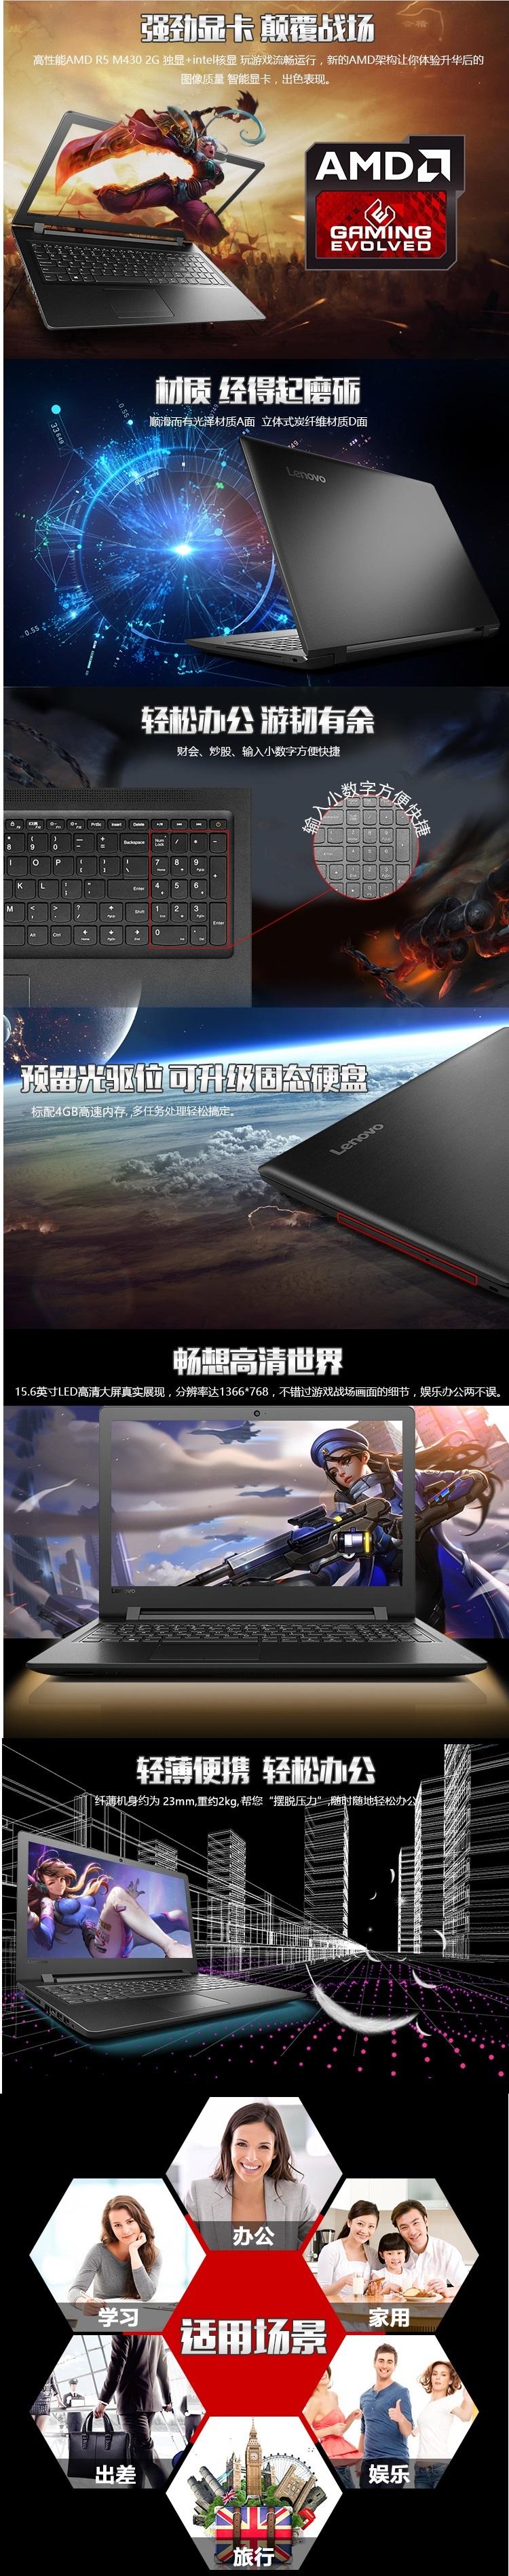 联想(Lenovo) 超高配独显大屏笔记本IdeaPad 110(15.6英寸,Intel i7,4G/500G,2G独显,Win10,黑)